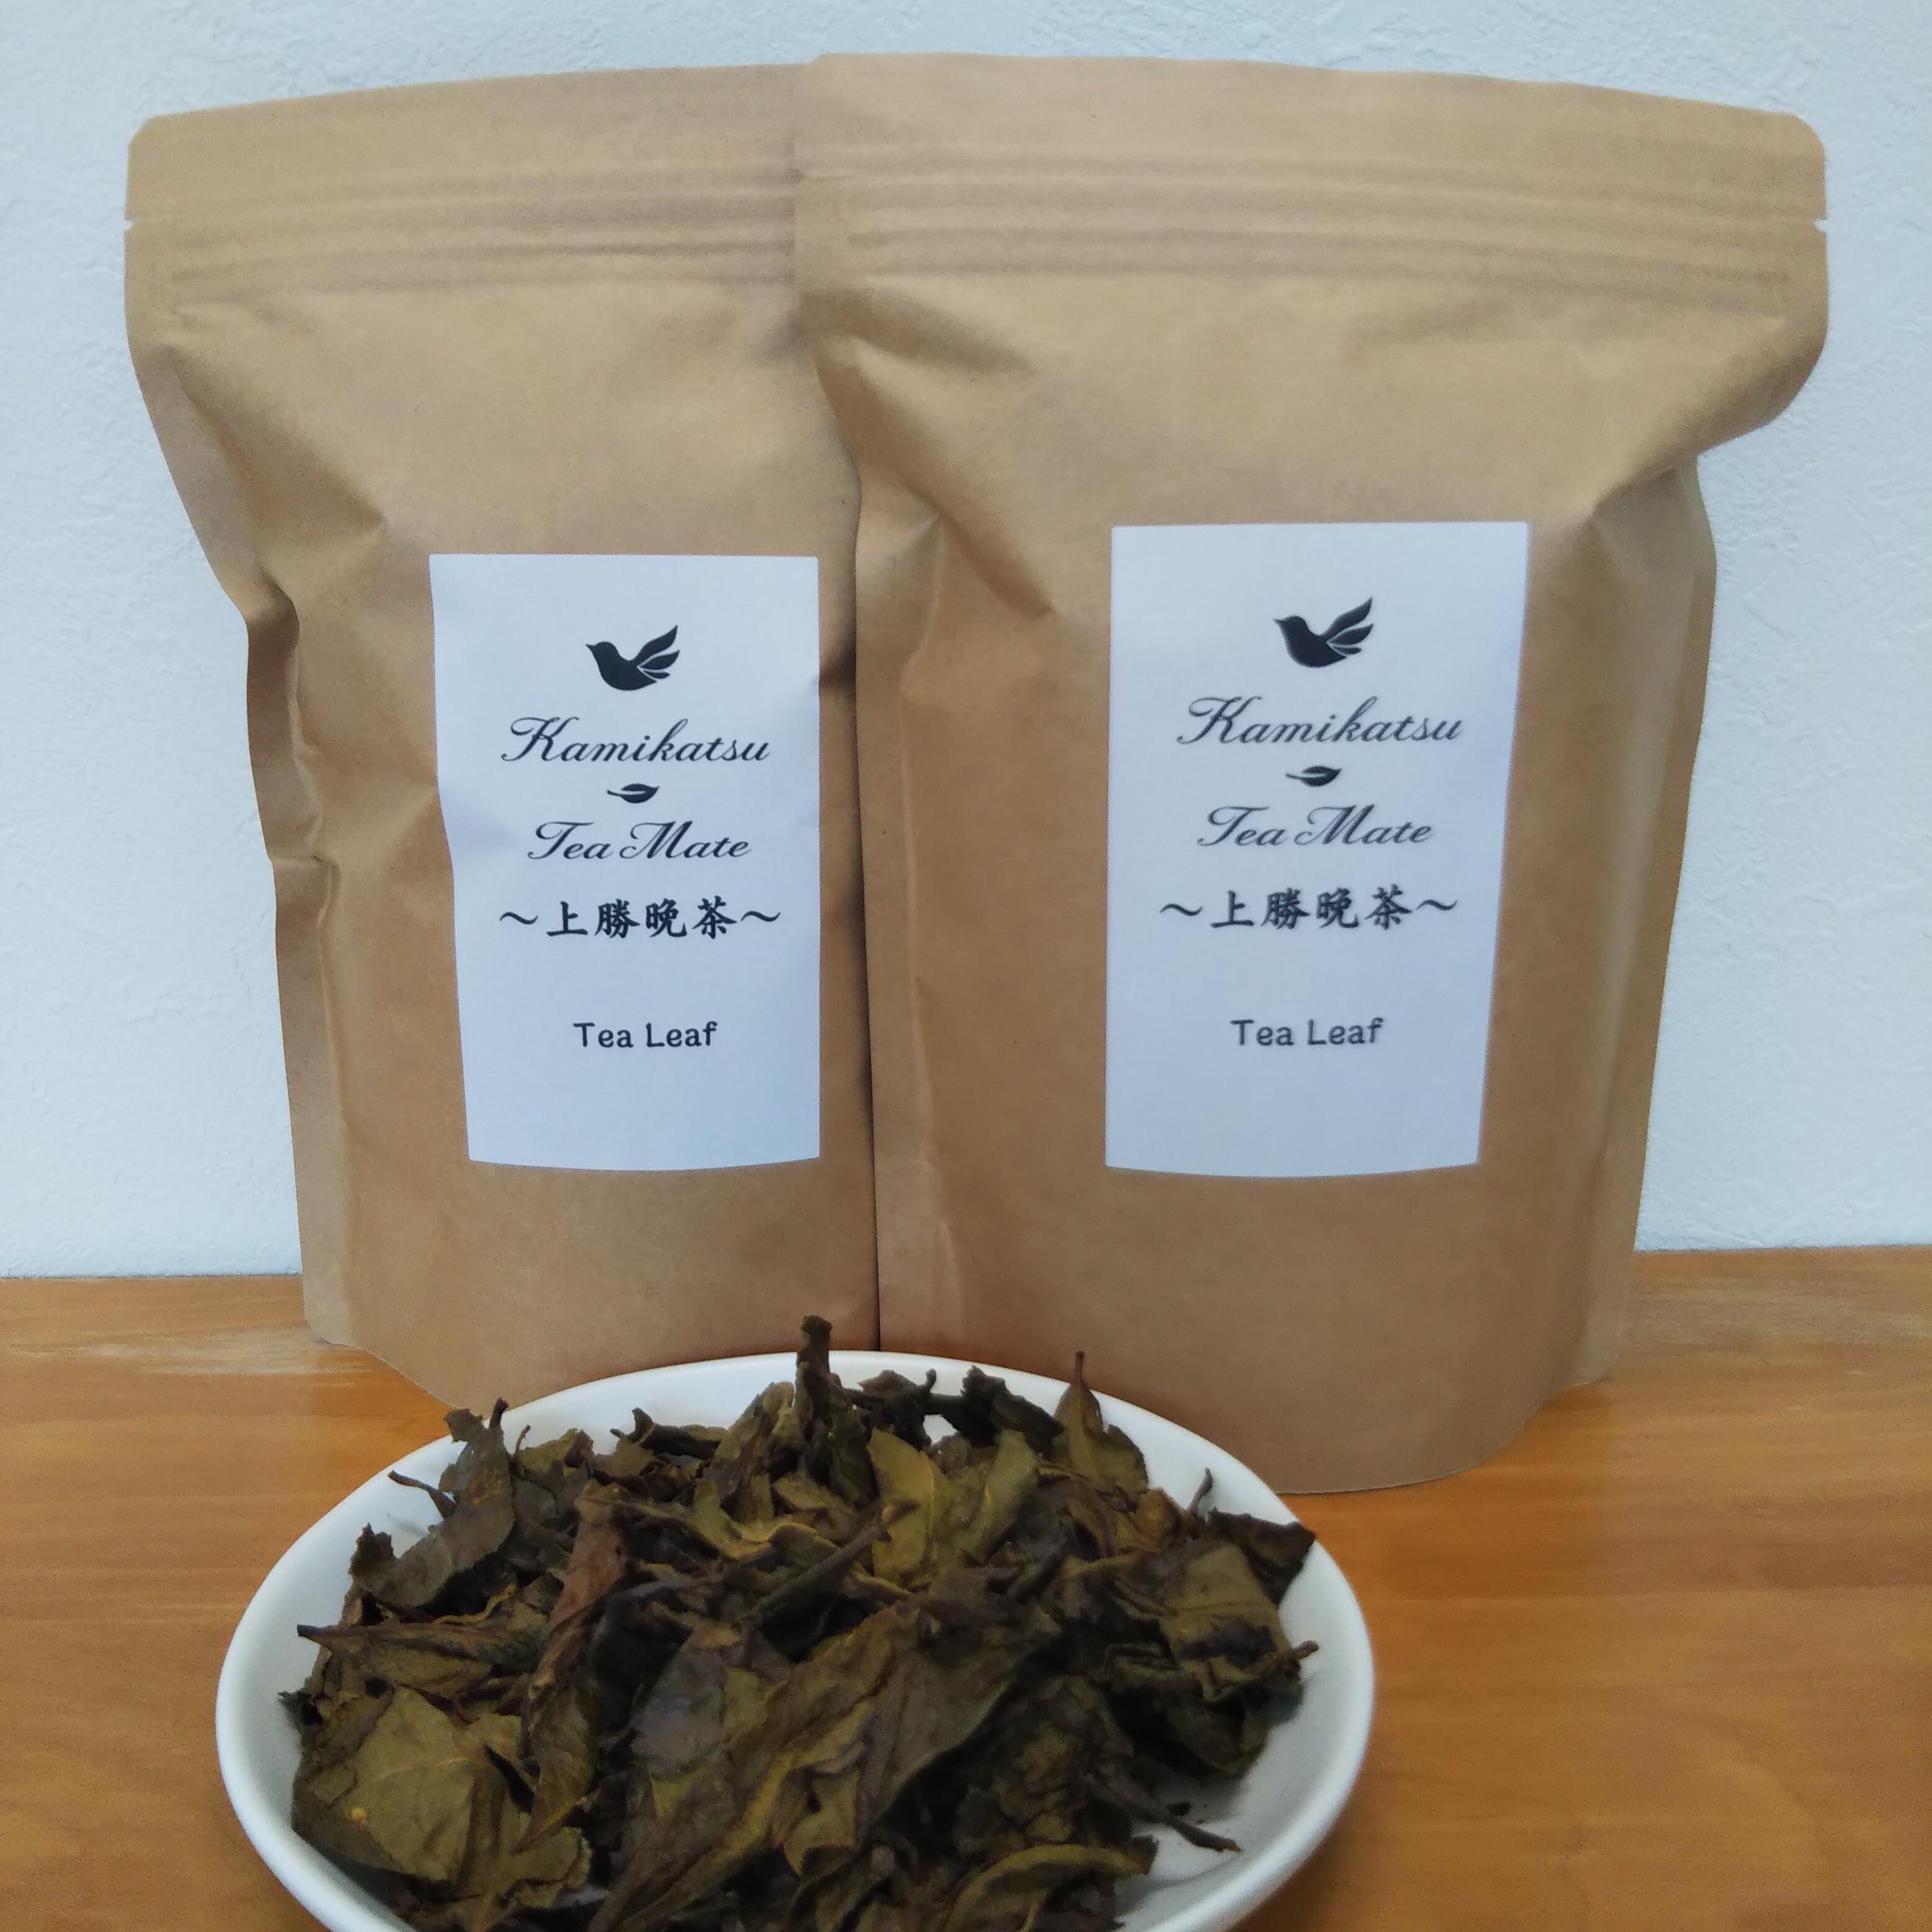 上勝のTea Leaf Creator 百野大地Selectionの上勝阿波晩茶 茶葉50g入り 2セット【自然農法栽培茶葉、農薬や化学肥料を一切使用しておりません】